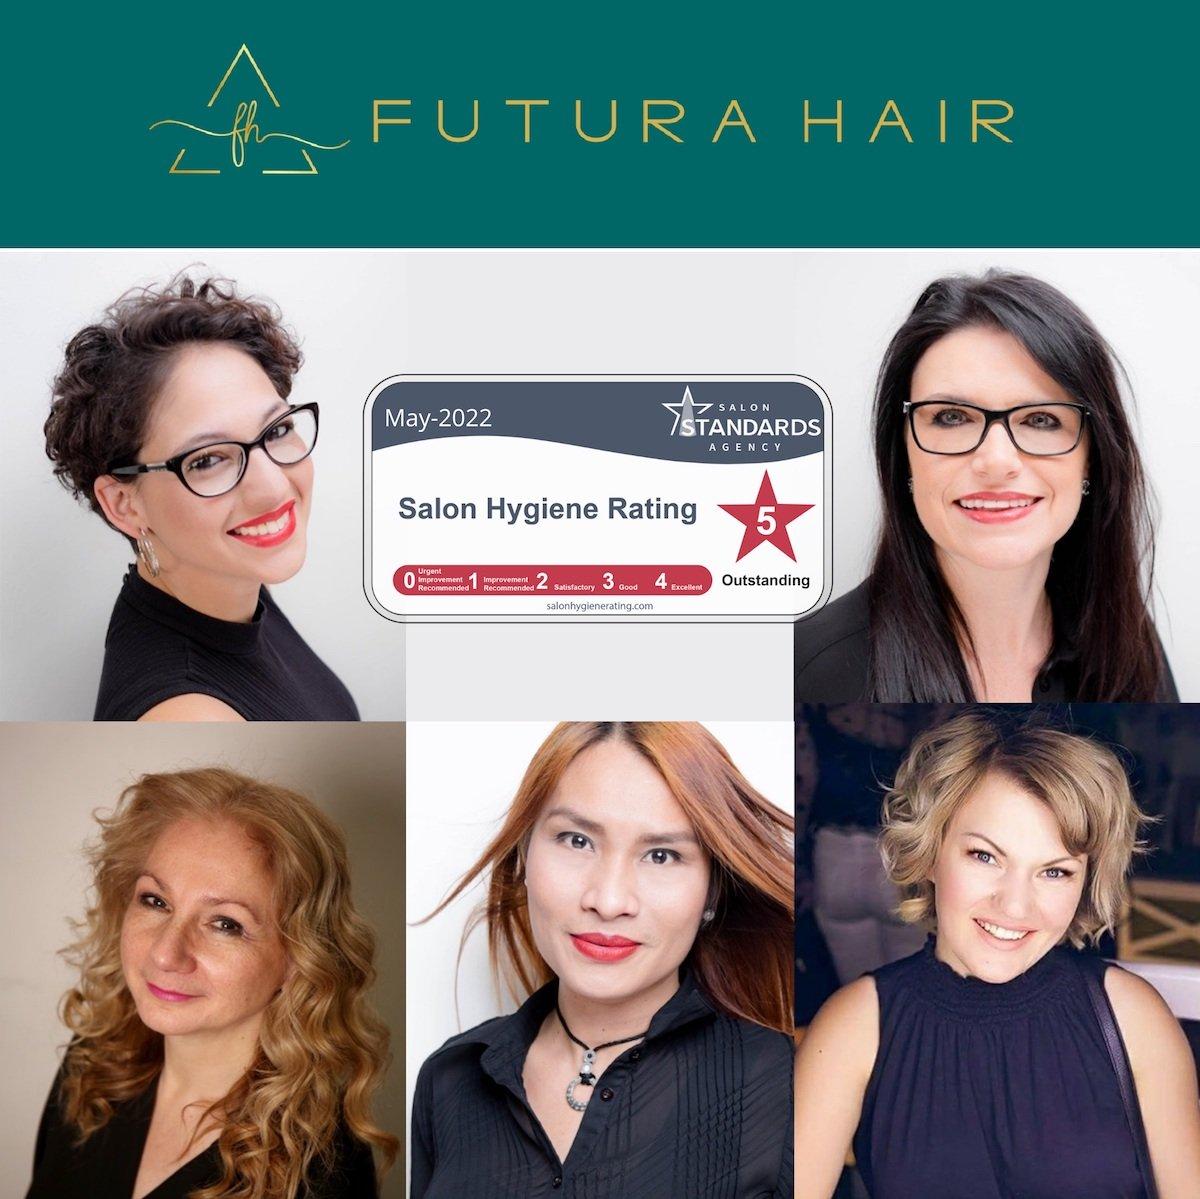 Futura Hair First In City To Win Hygiene Award